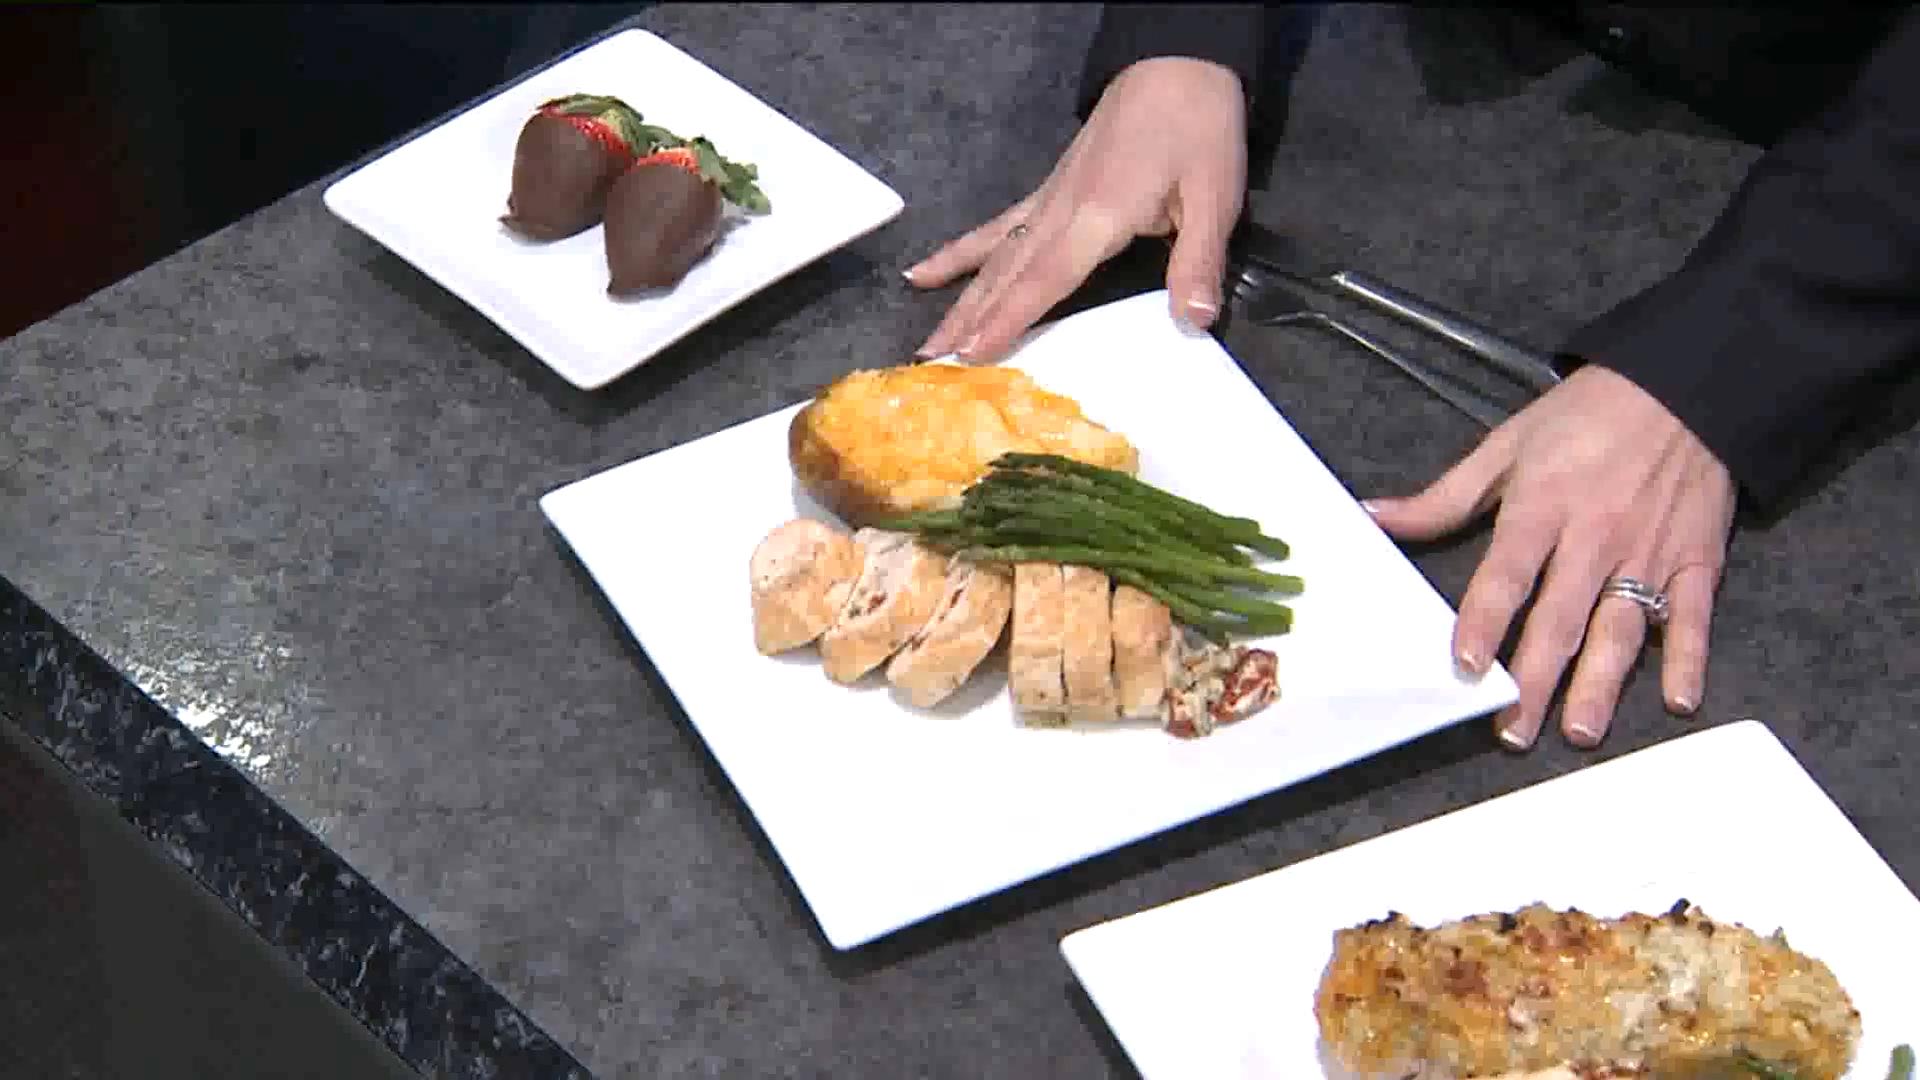 DIY Valentine's Day Gourmet Dinner